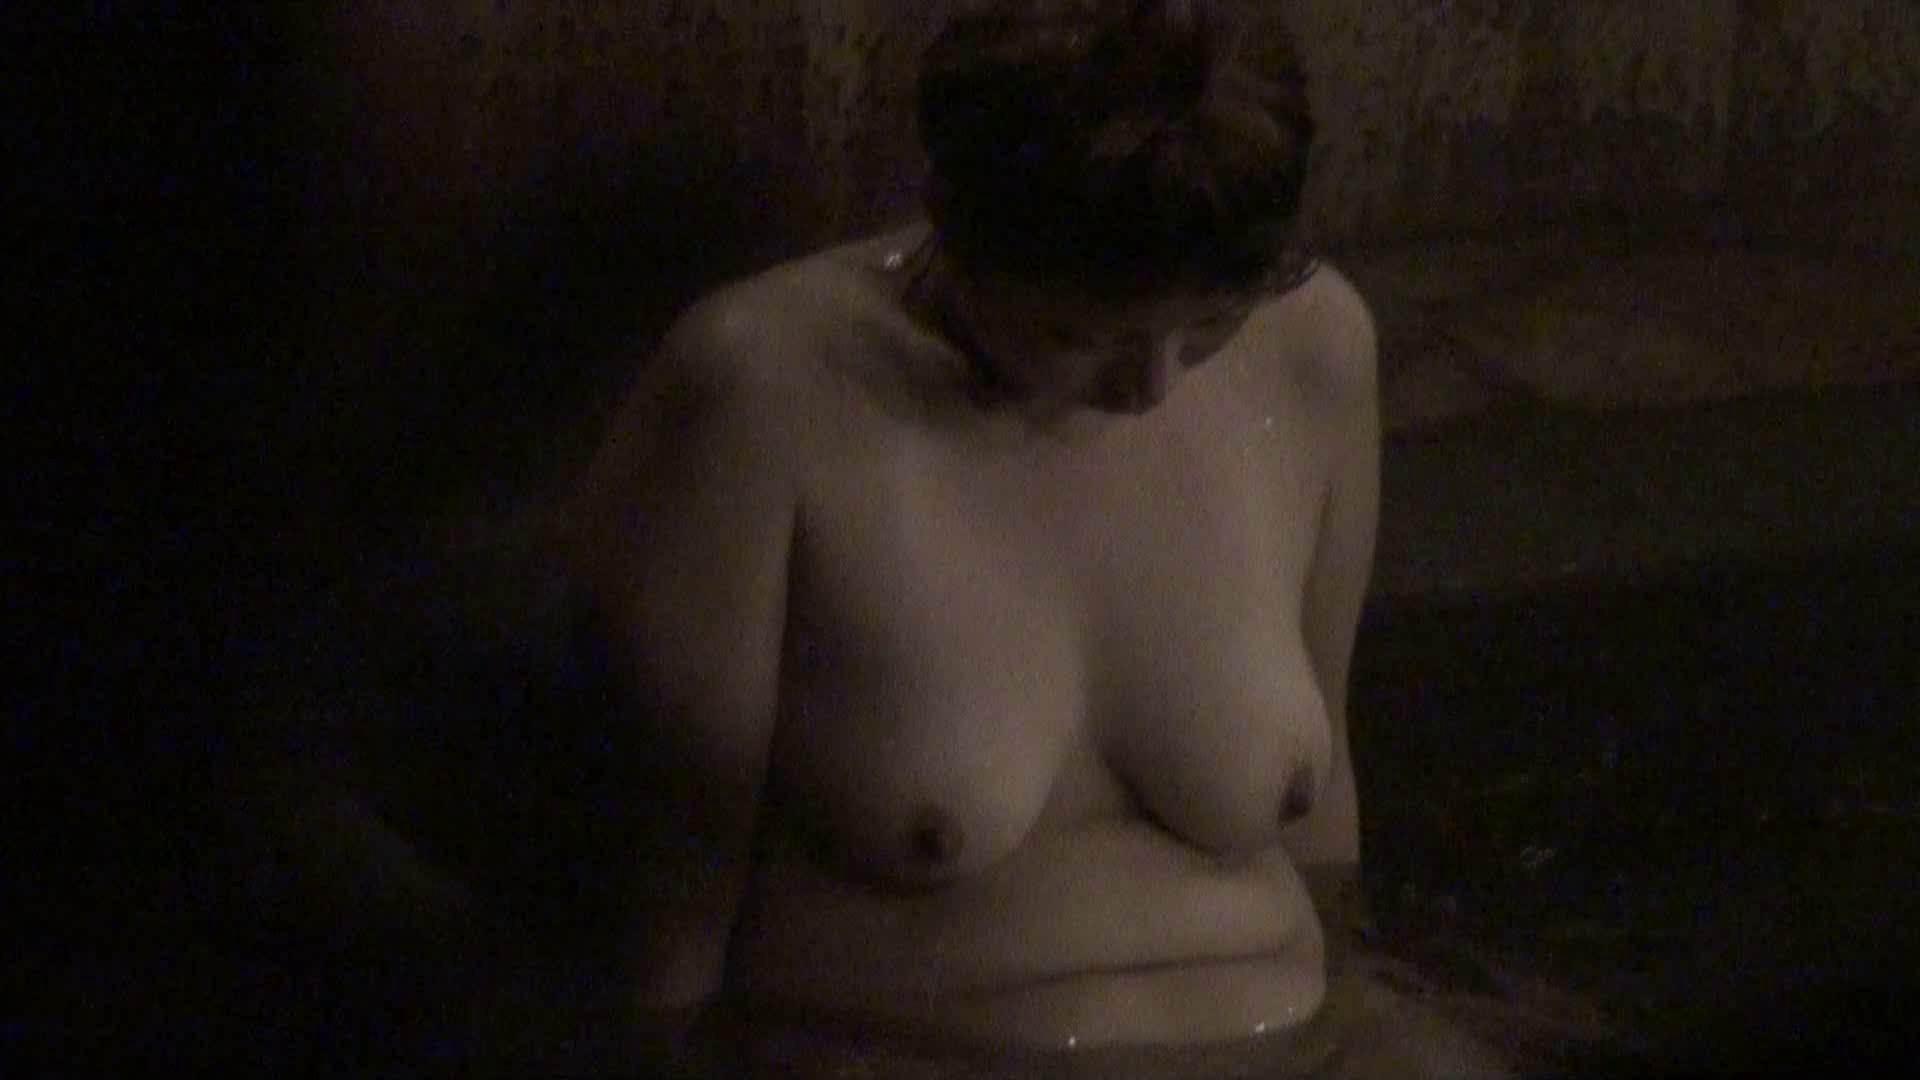 Aquaな露天風呂Vol.377 覗き 盗み撮り動画 111PIX 90